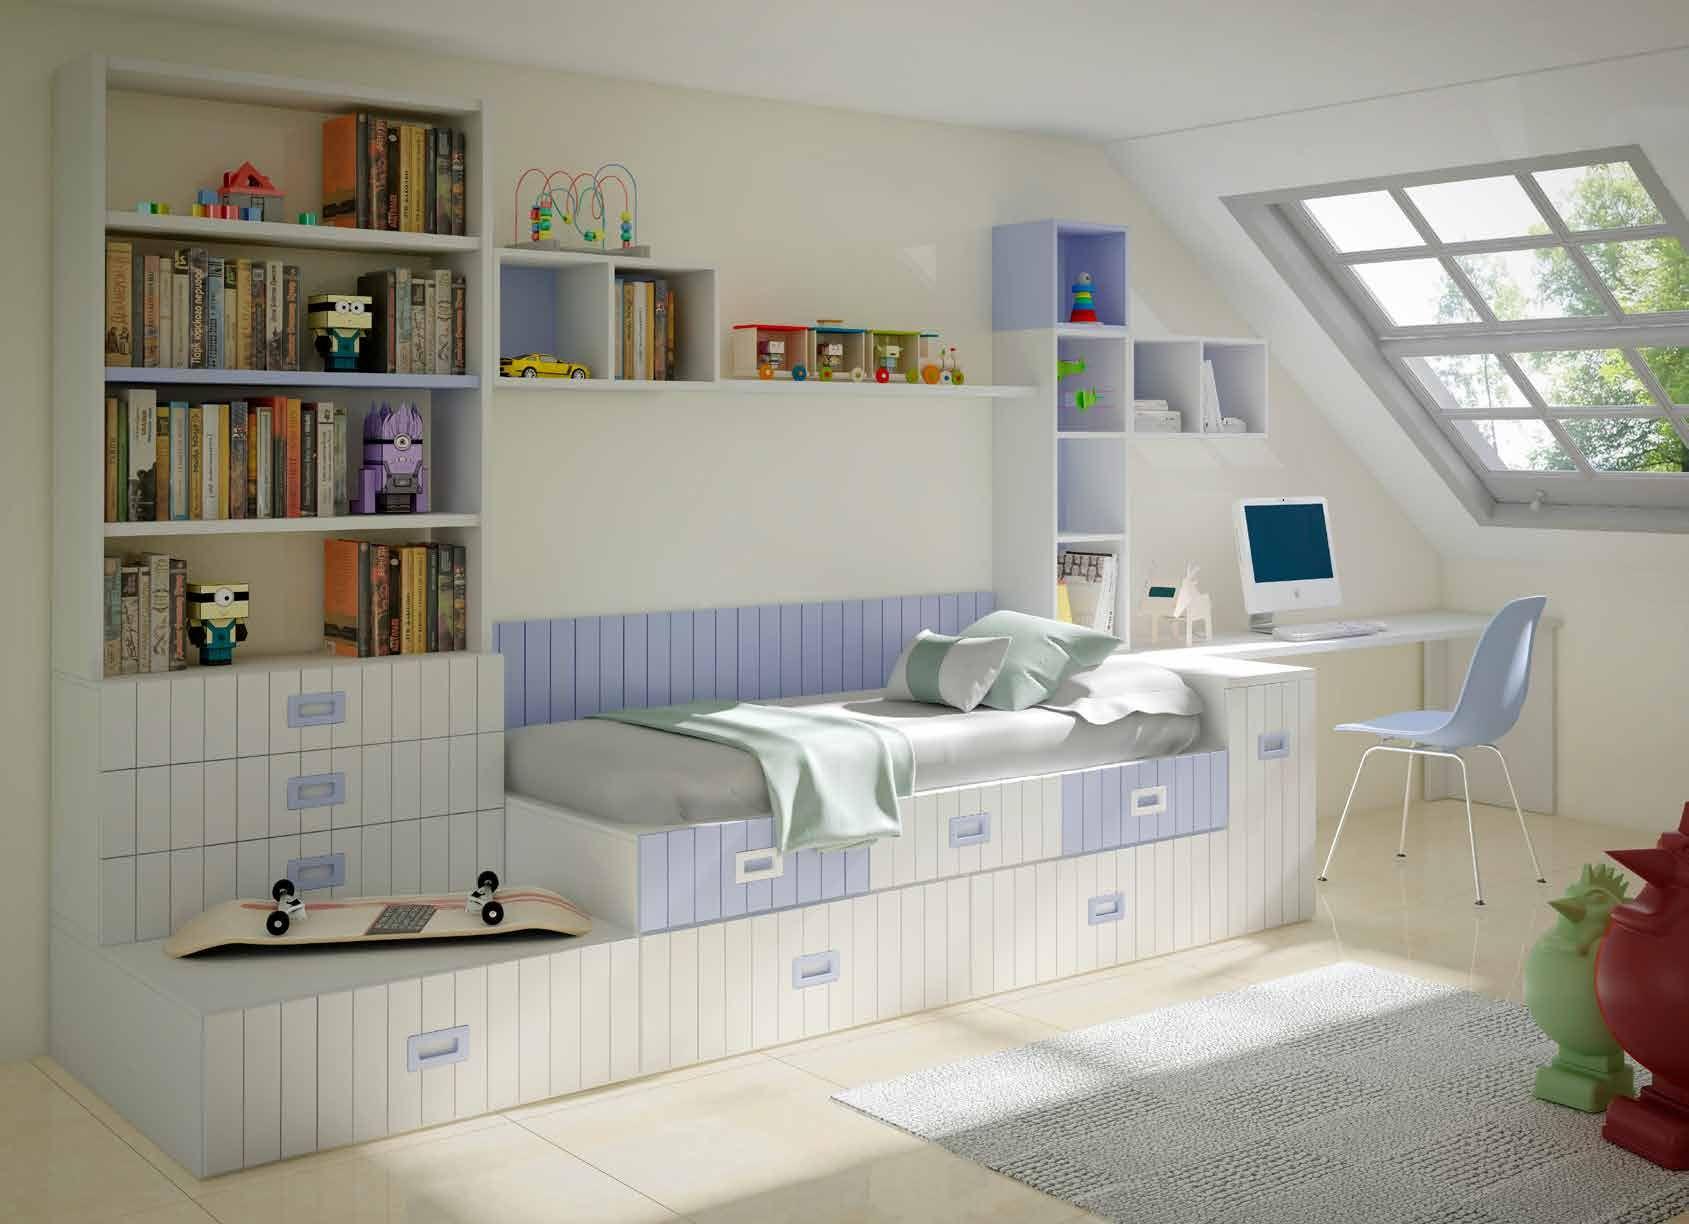 Dormitorios Juveniles De Calidad.Dormitorio Juvenil Boreal 17 Dlp Mobiliario En 2019 Dormitorios